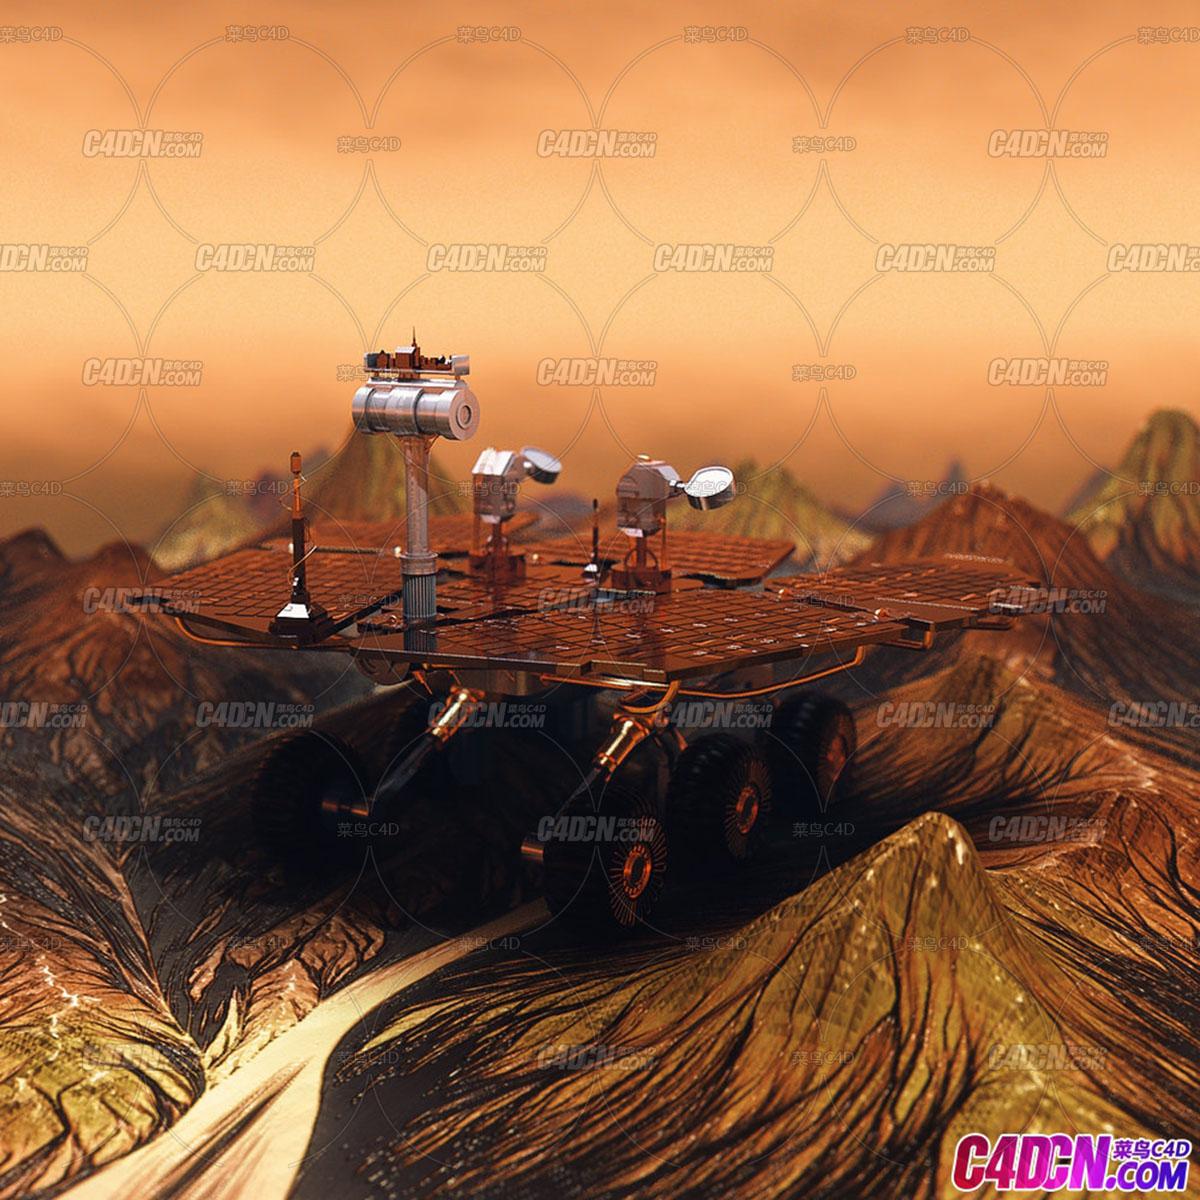 C4D精品工程 No.431 地外行星山脉火星车探测车